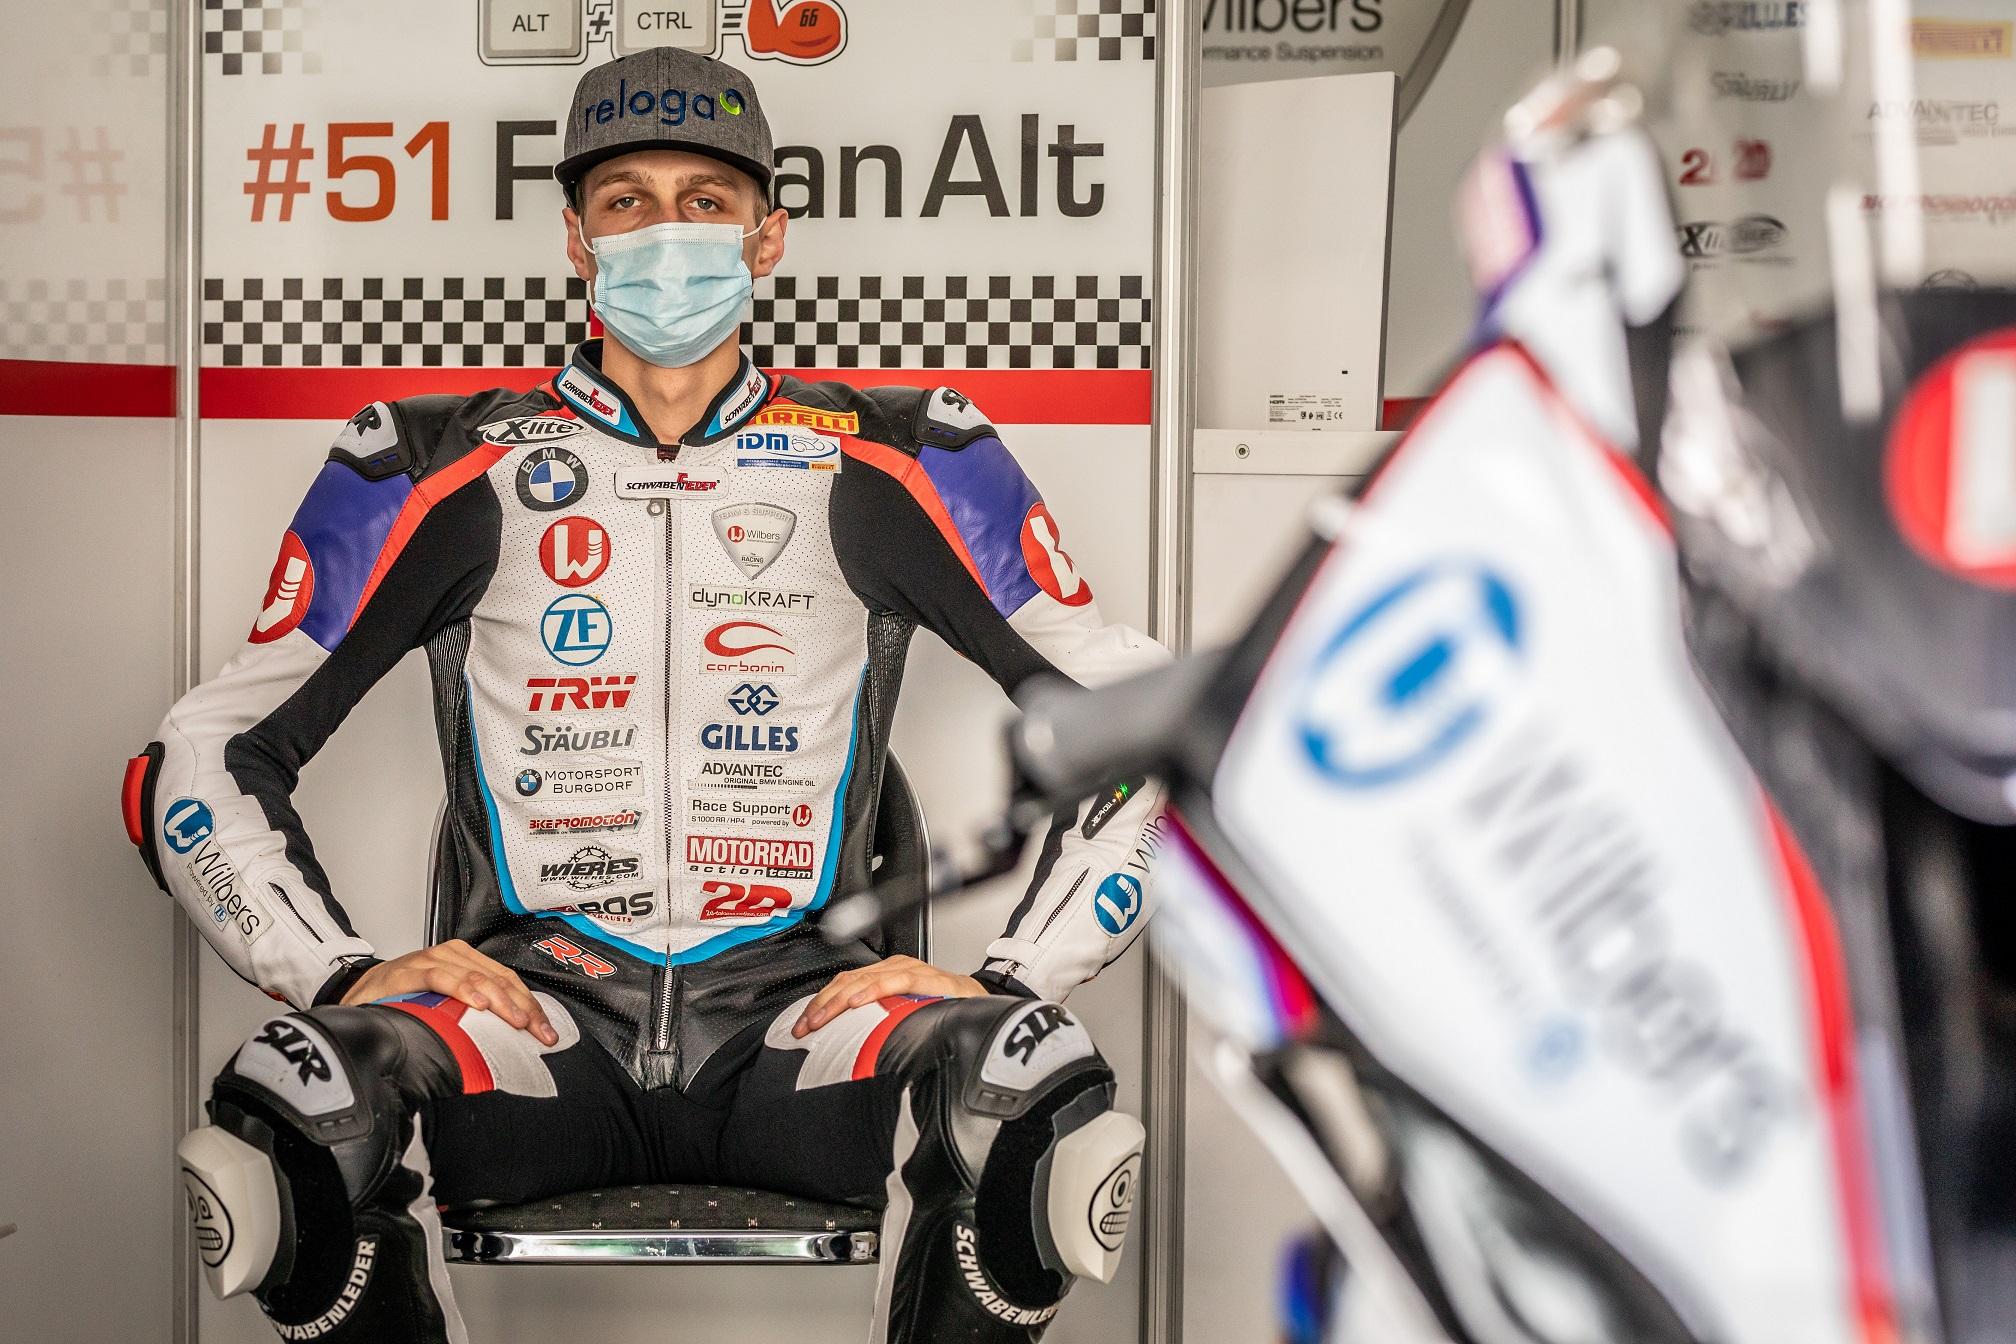 IDM Superbike 1000: Alt startet mit Wilbers-BMW in die Saison 2021